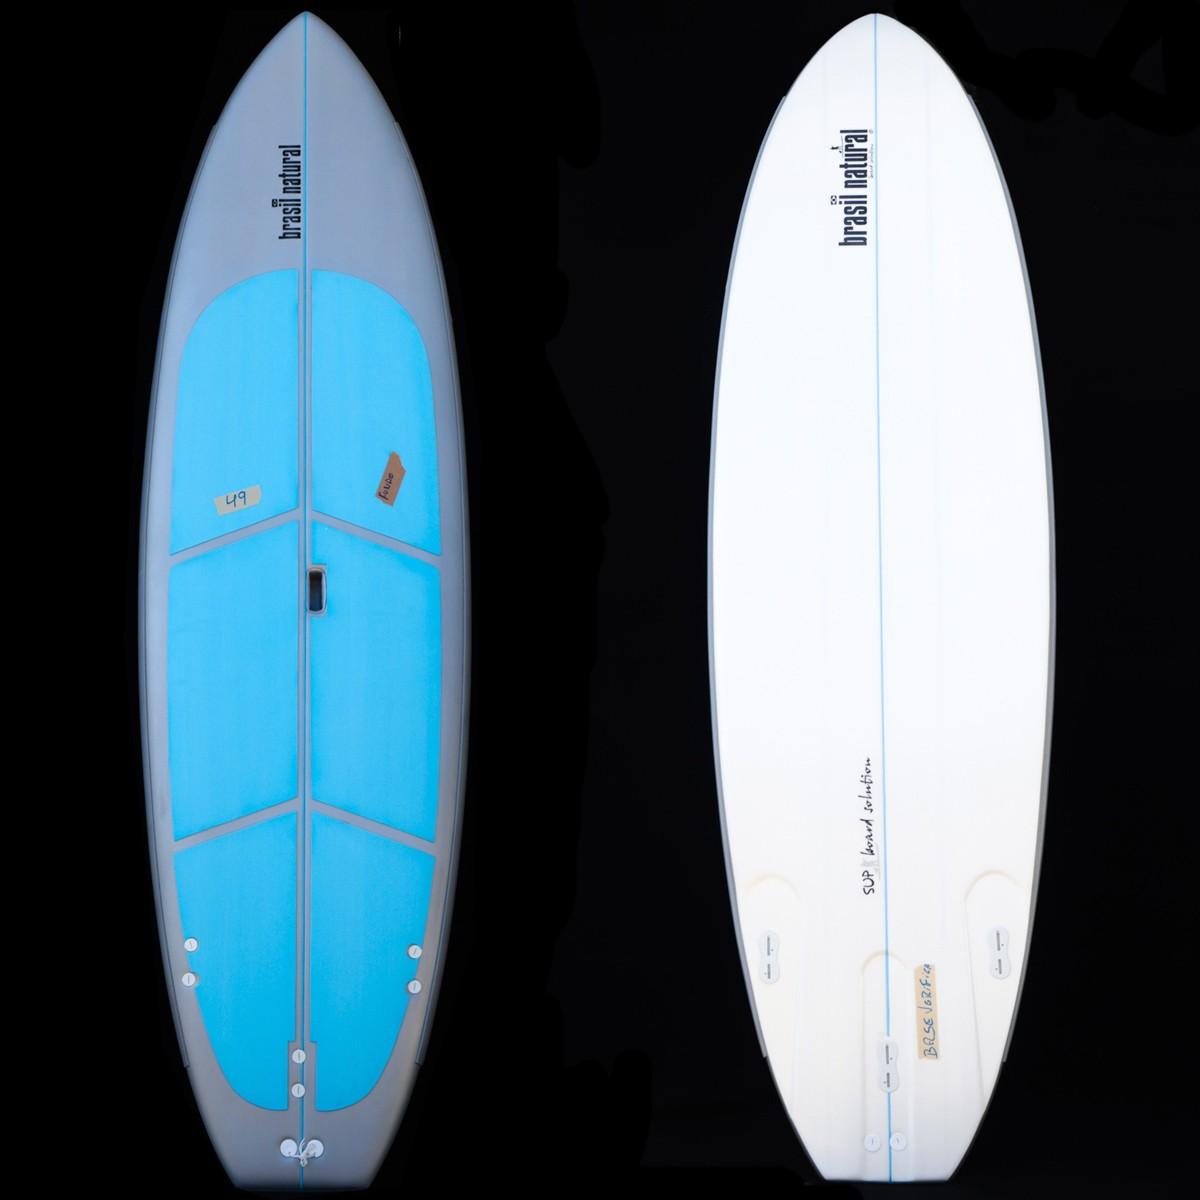 Prancha de stand up paddle 10 pés soft + kit remada - Outlet 49